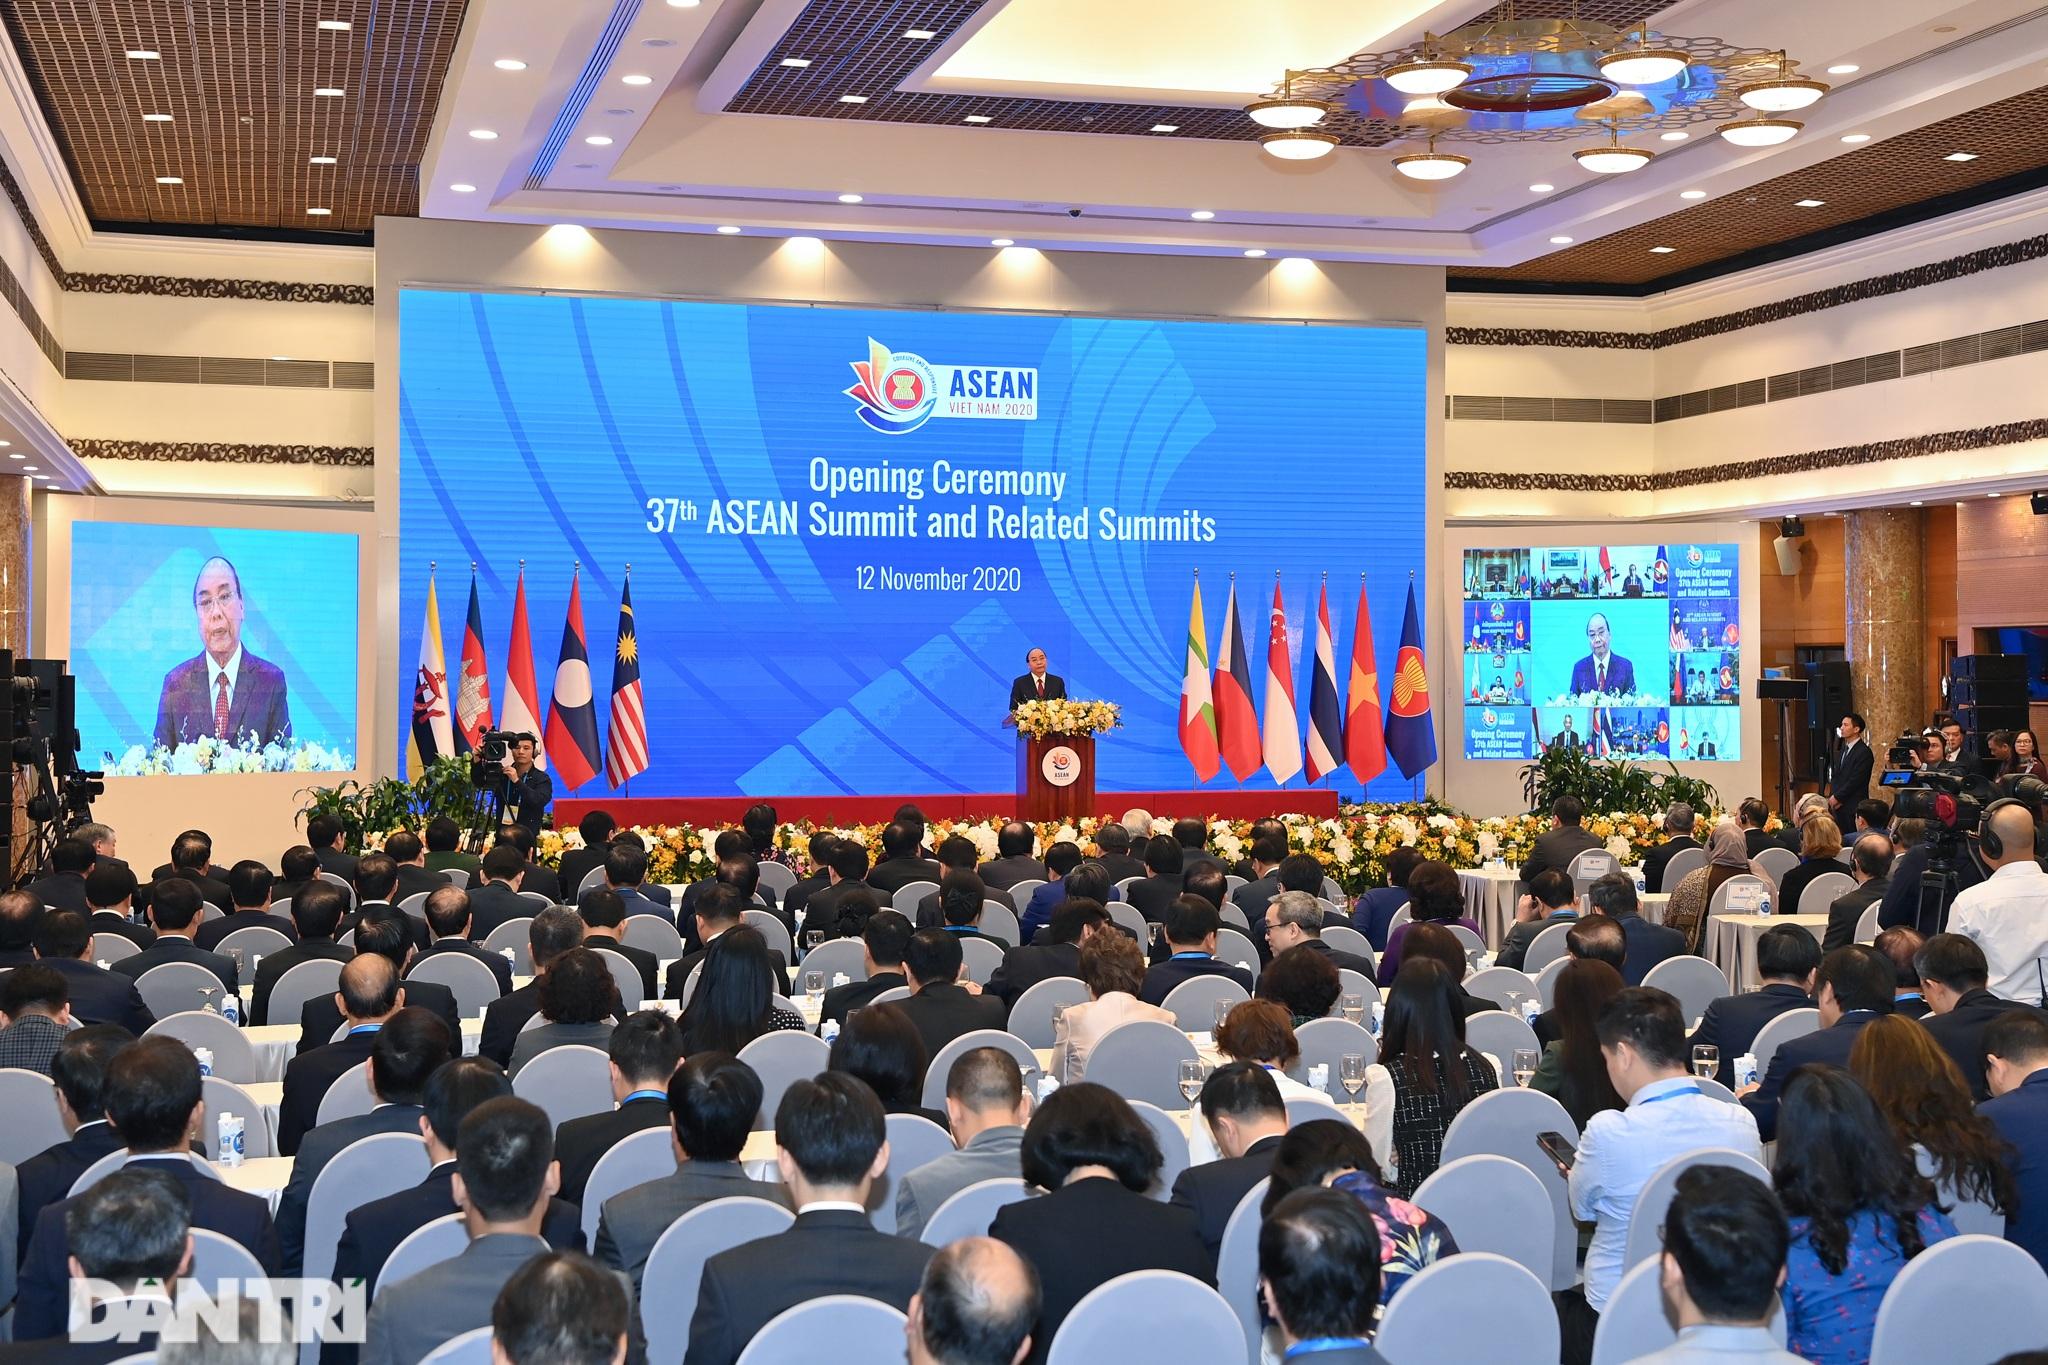 Lãnh đạo Đảng, Nhà nước dự khai mạc Hội nghị cấp cao ASEAN - 13